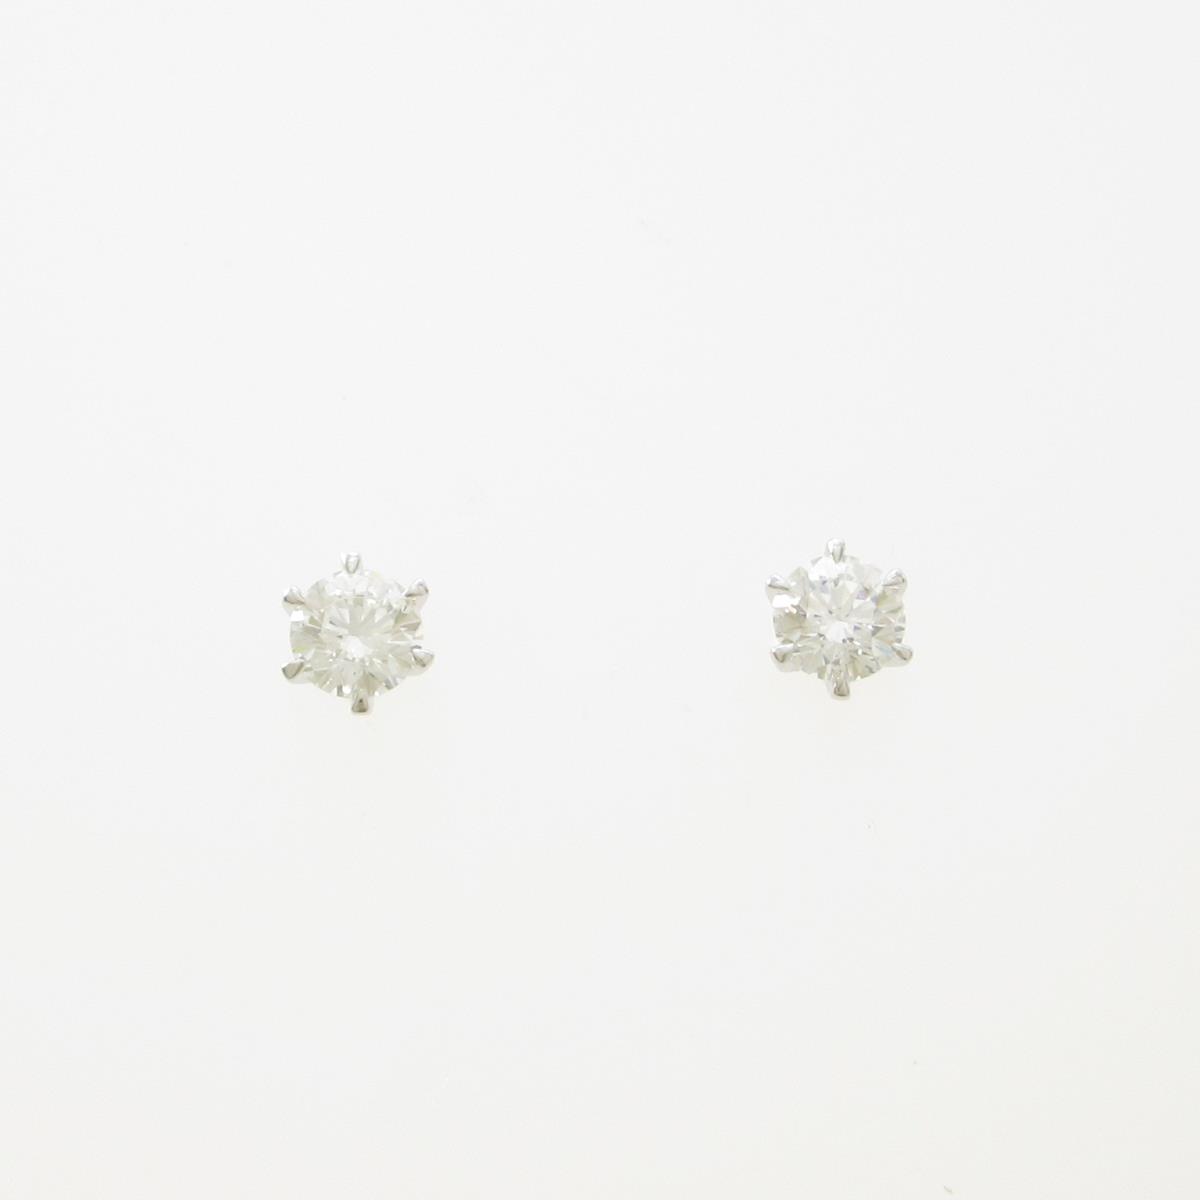 【リメイク】プラチナダイヤモンドピアス 0.264ct・0.276ct・F・VS2・VG【中古】